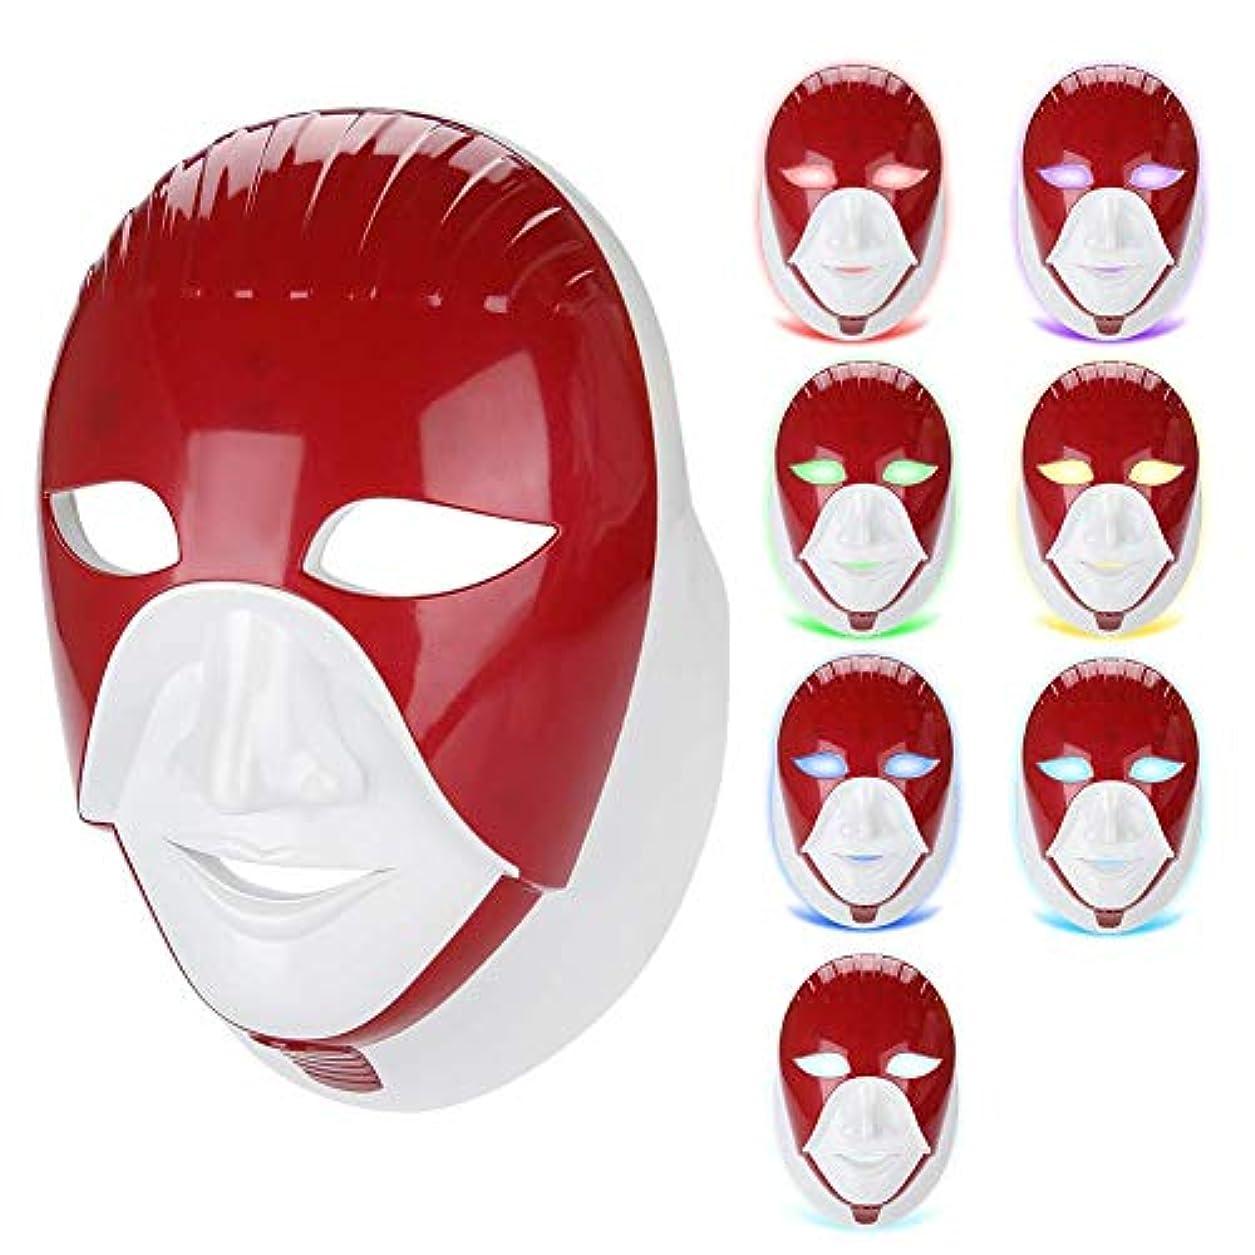 第九抱擁控えめなフォトンセラピーフェイシャルネックマスクアンチリンクルスキンリジュビネーション7色美容機器美容マスク(アルミボックス)